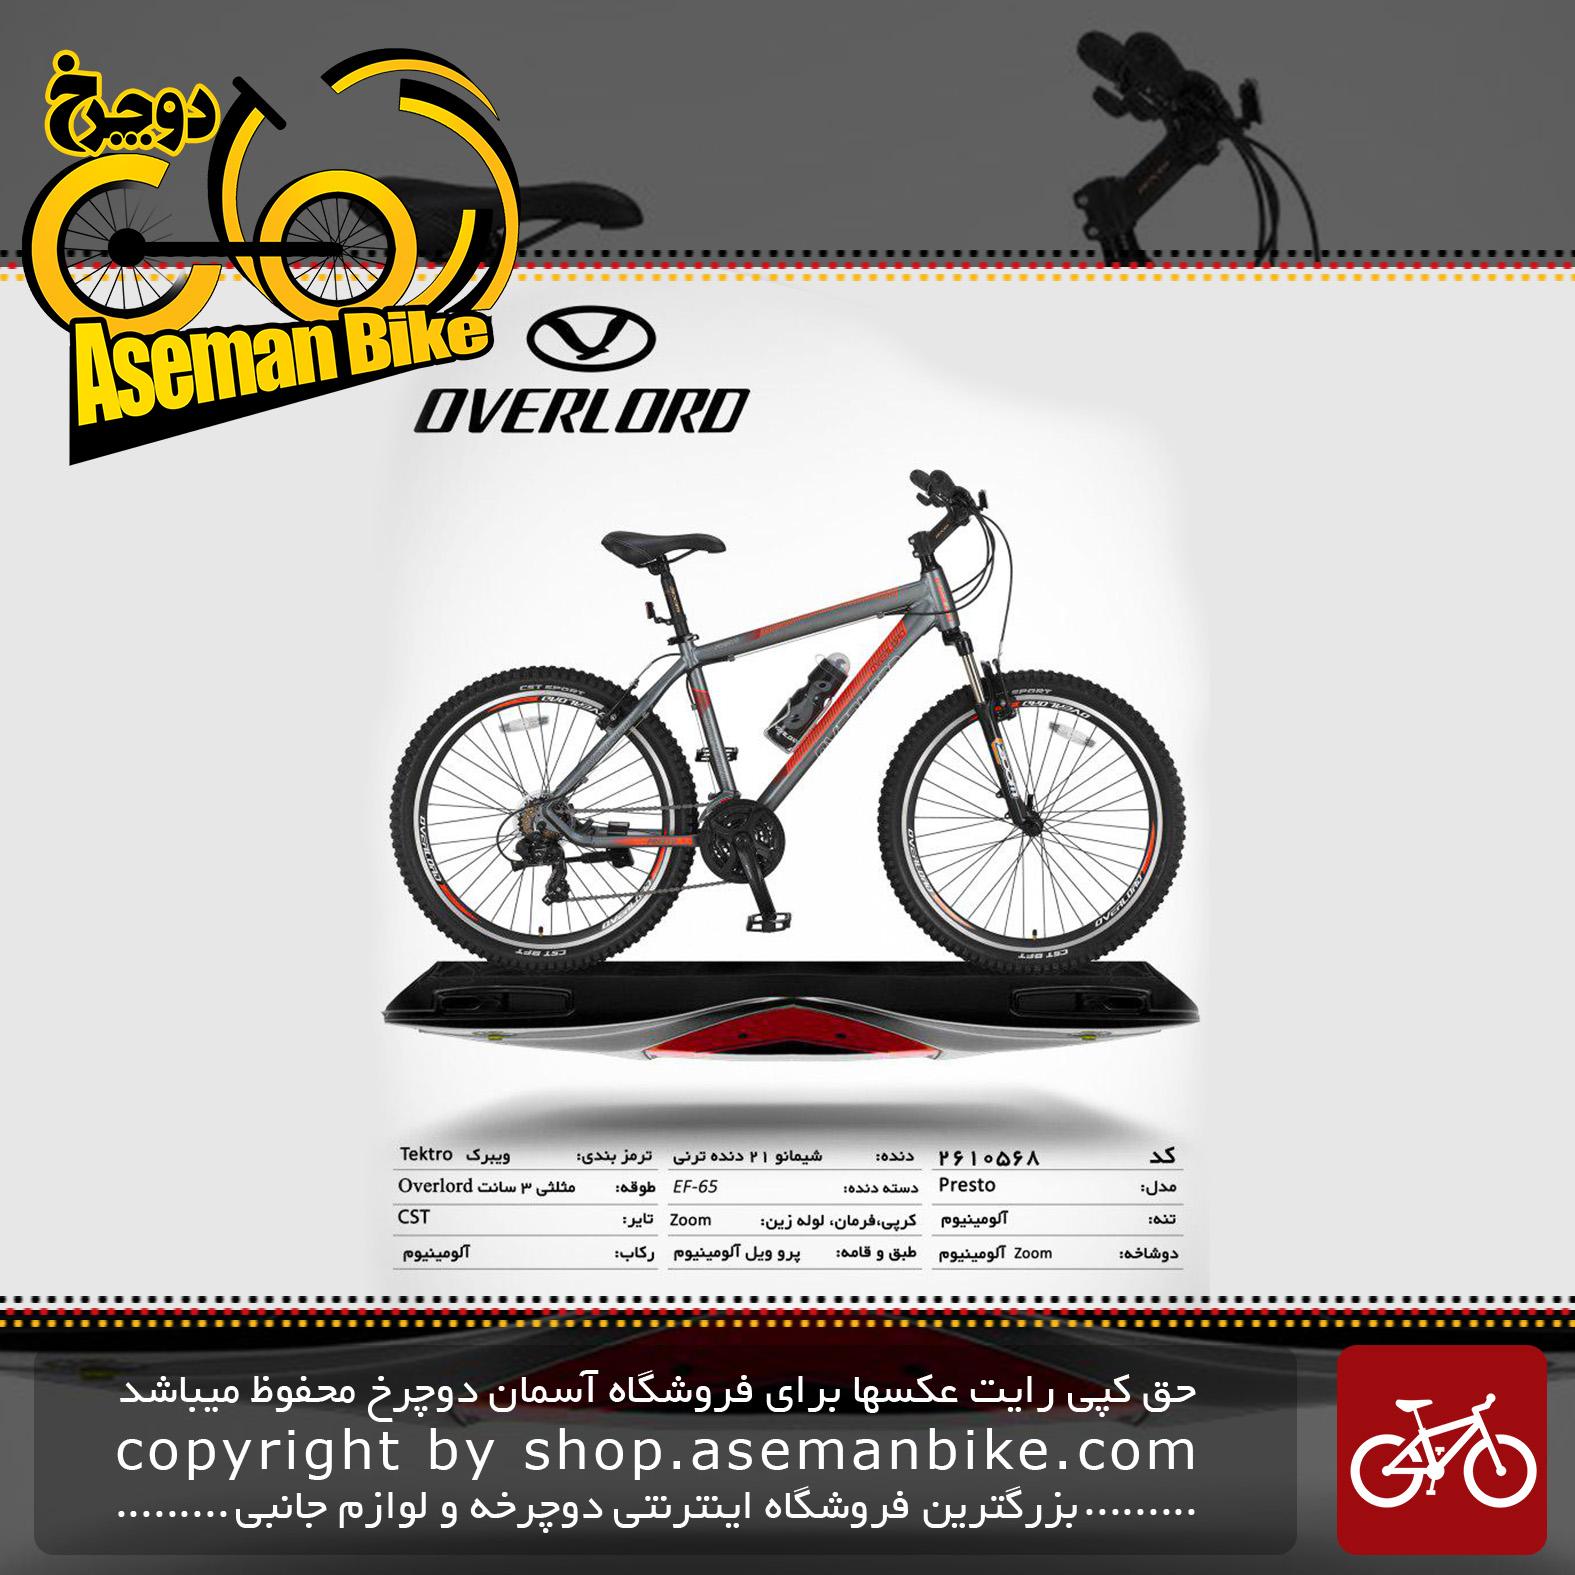 دوچرخه کوهستان شهری اورلرد مدل پریستو 21 دنده شیمانو آسرا سایز 26 ساخت تایوان OVERLORD Mountain City Taiwan Bicycle PRESTO 26 2019